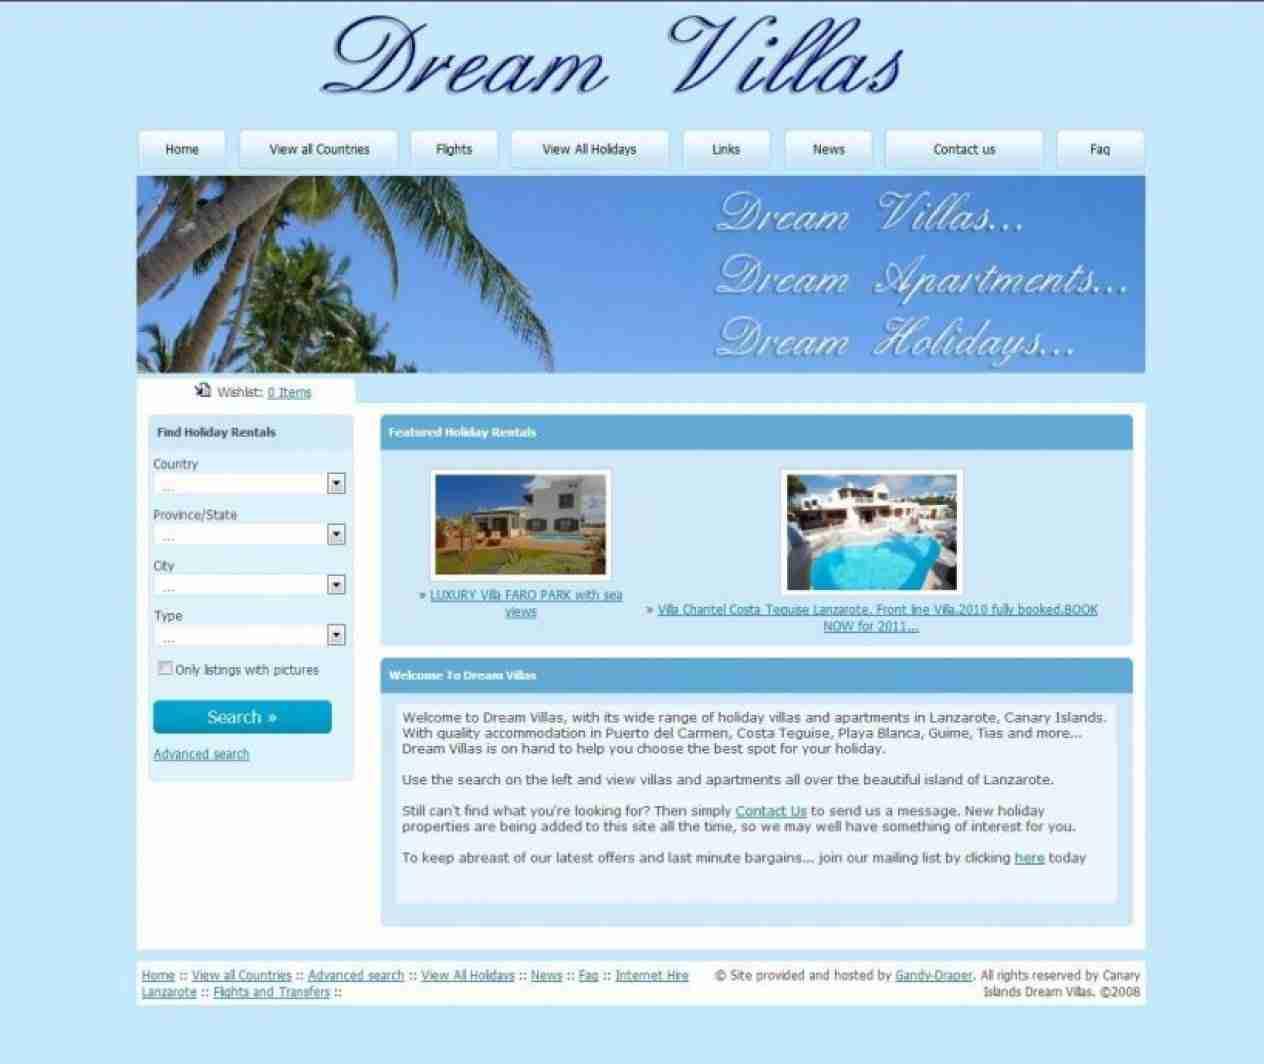 Canary Islands Dream Villas